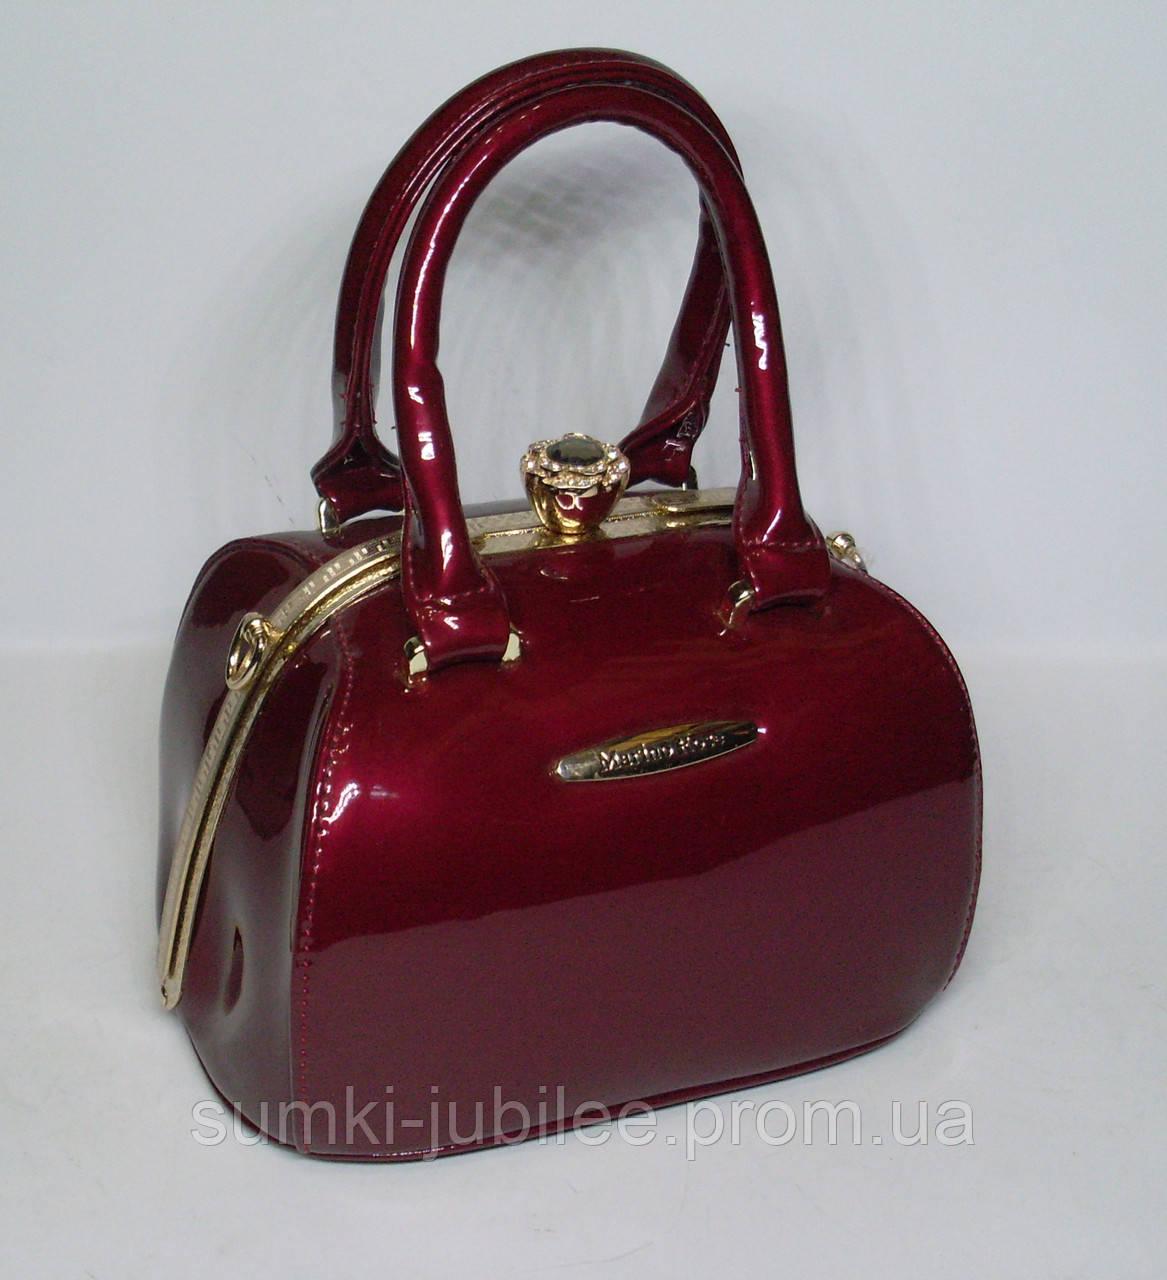 4d1bba10e968 Стильная женская лаковая сумка-Ридикюль Marino Rose с рамочным замком  красного цвета - Интернет-